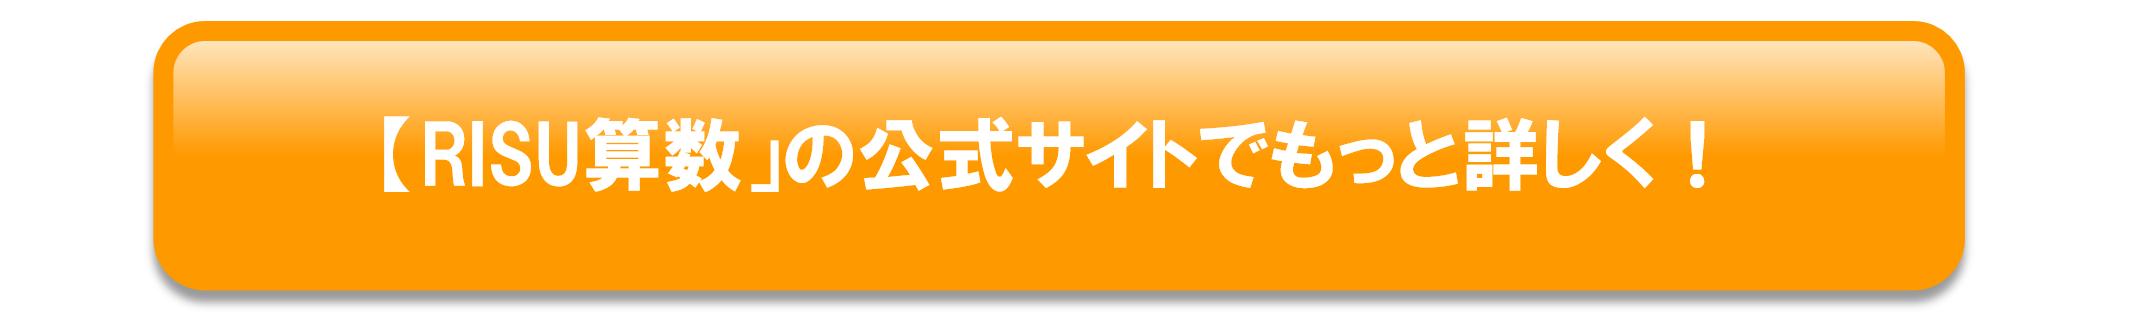 RISU算数へのリンクボタン